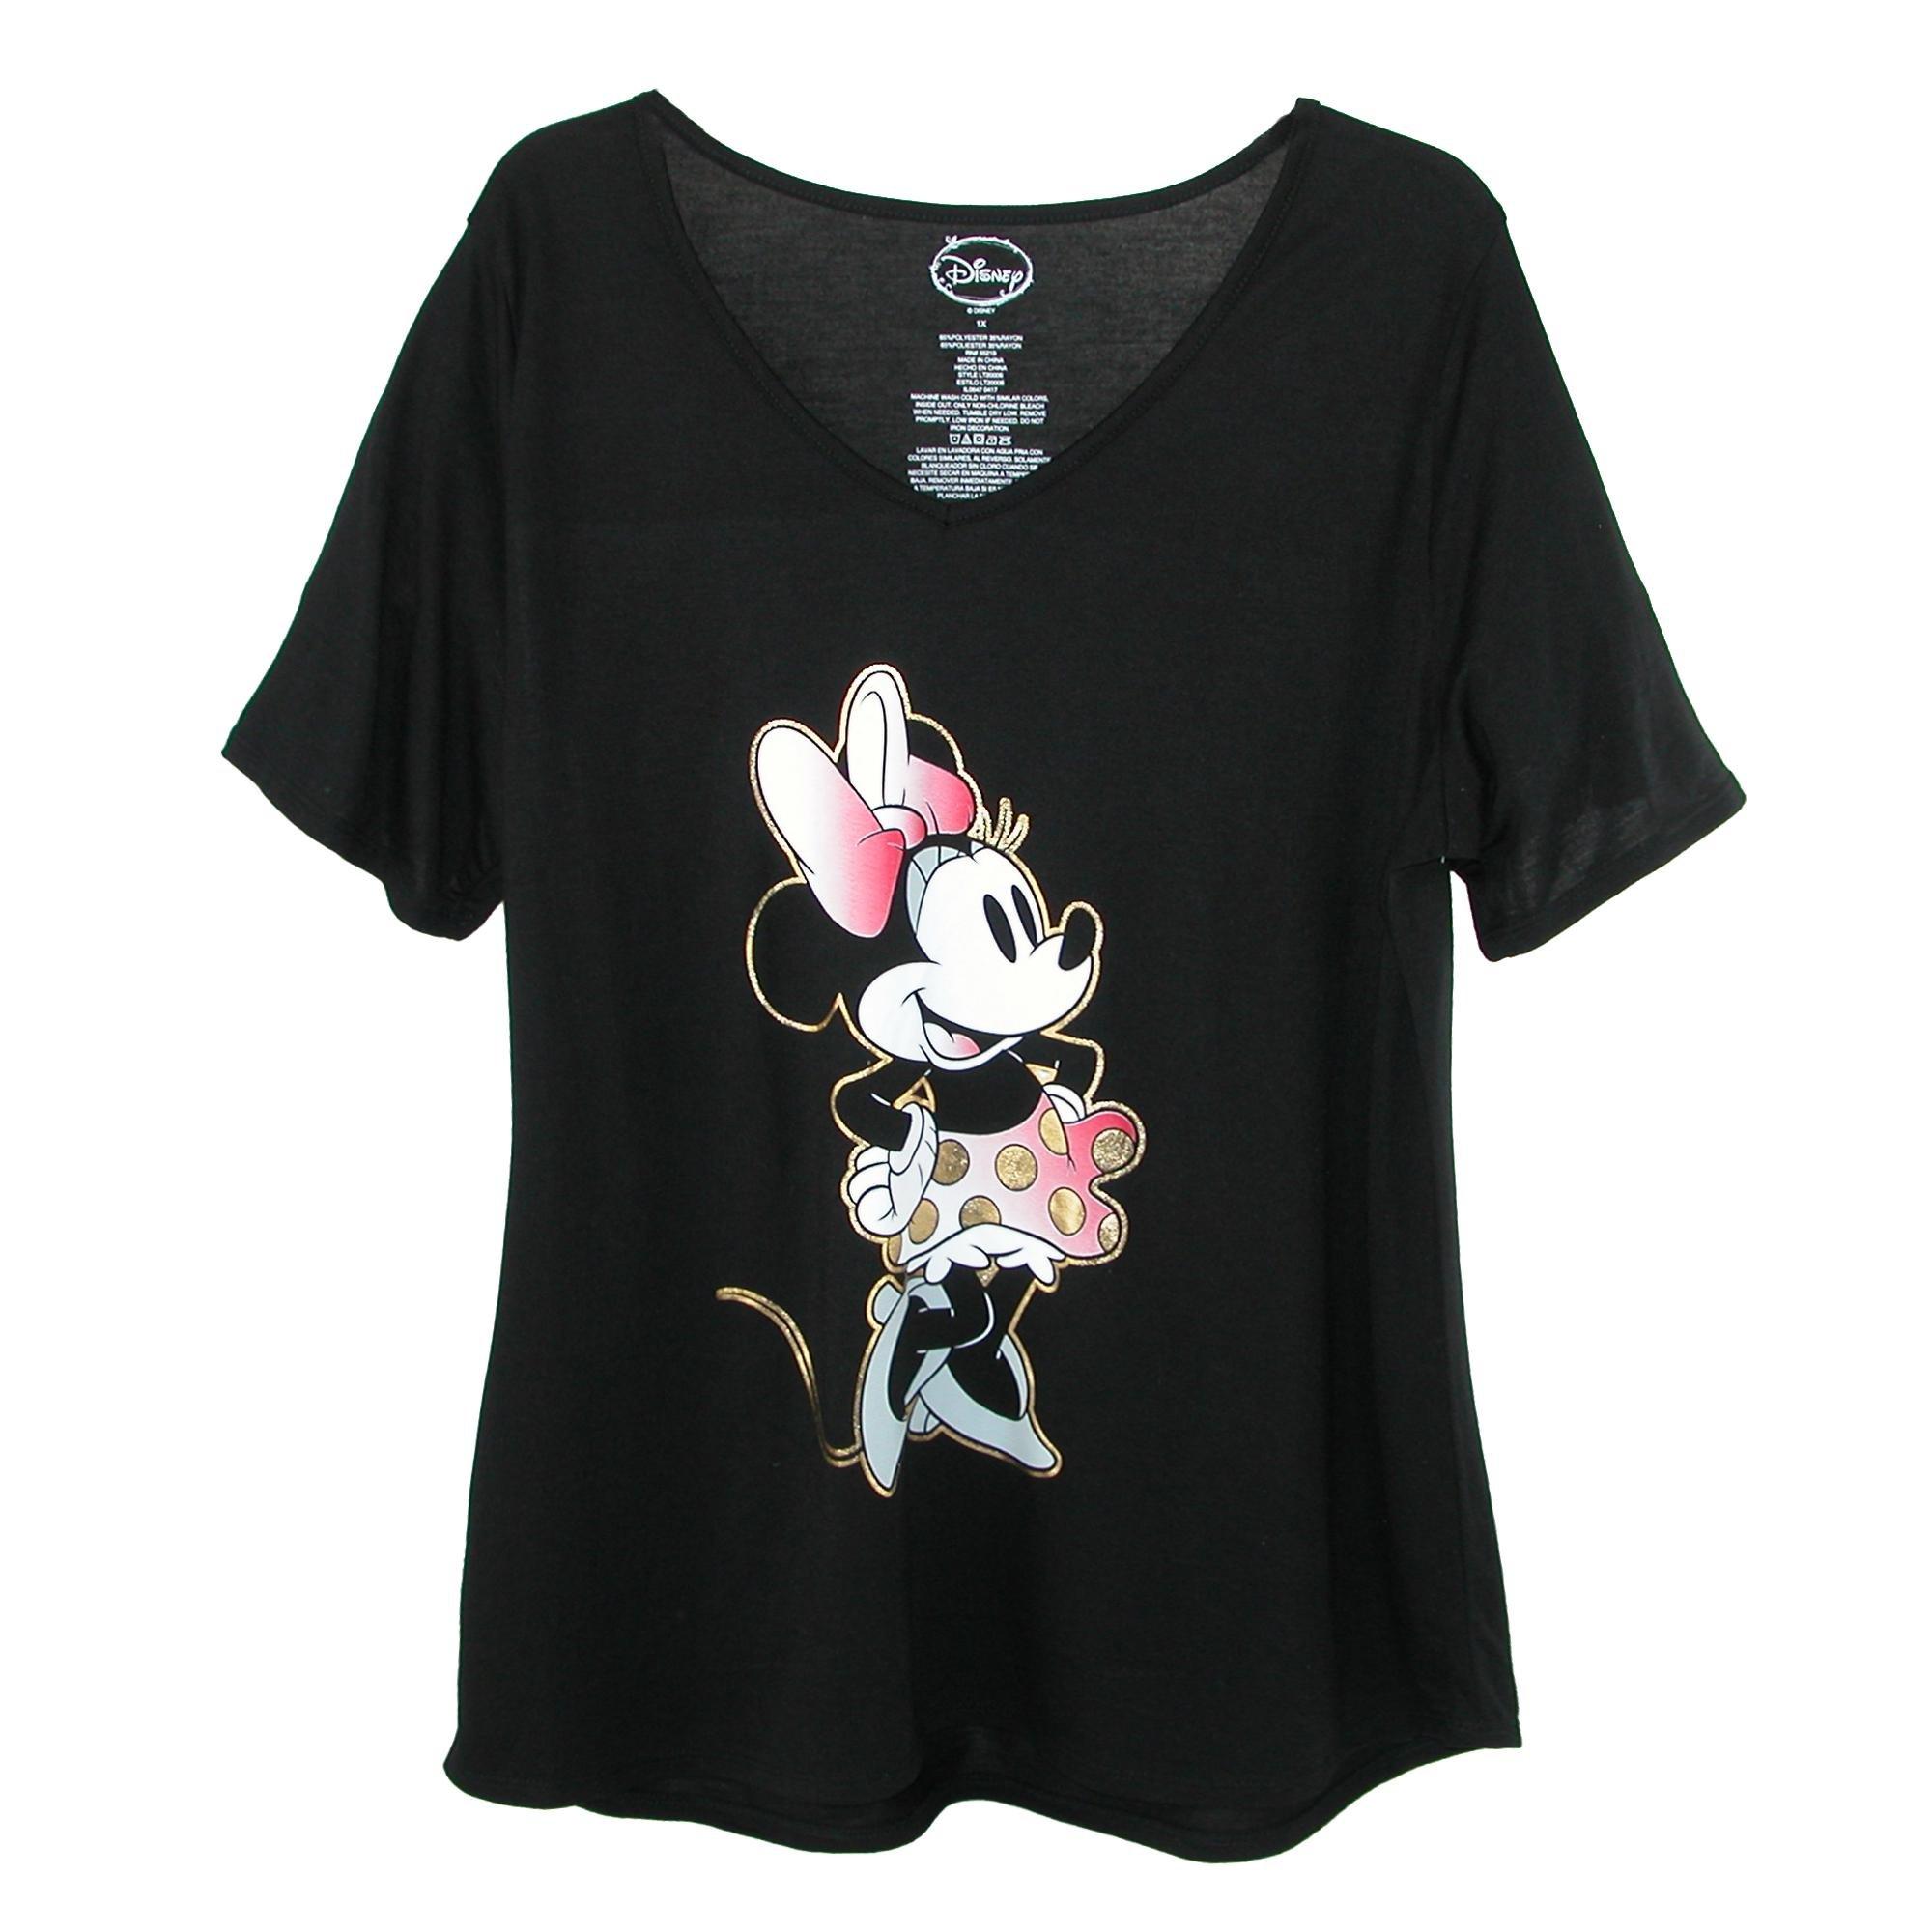 Disney Women's Plus Size Minnie Mouse V Neck T Shirt, 1X, Black